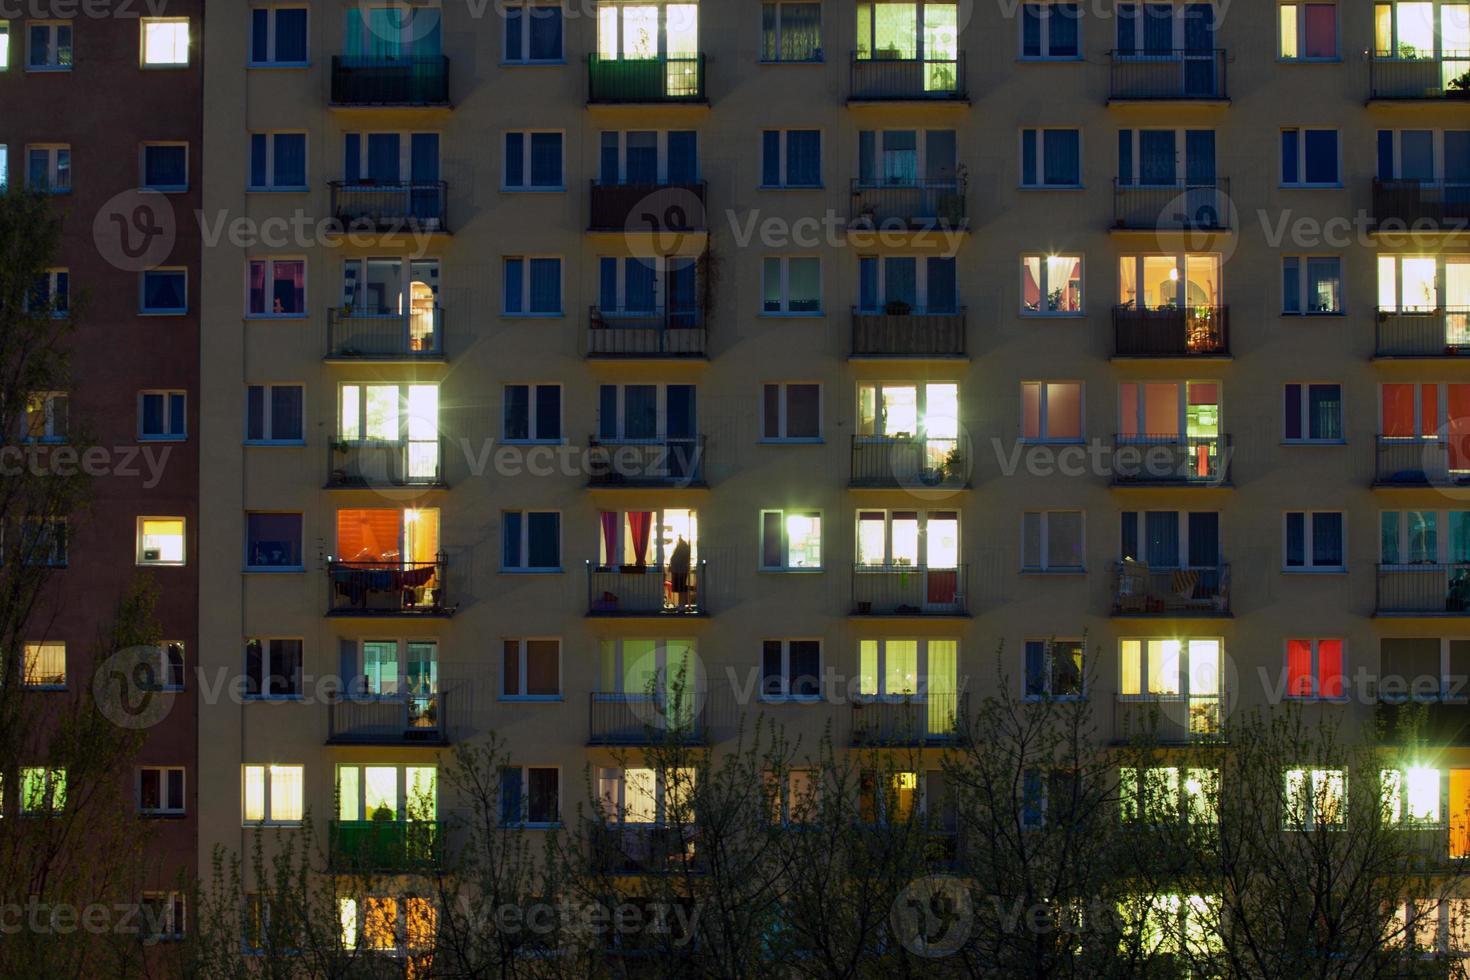 raam van een flatgebouw 's nachts foto